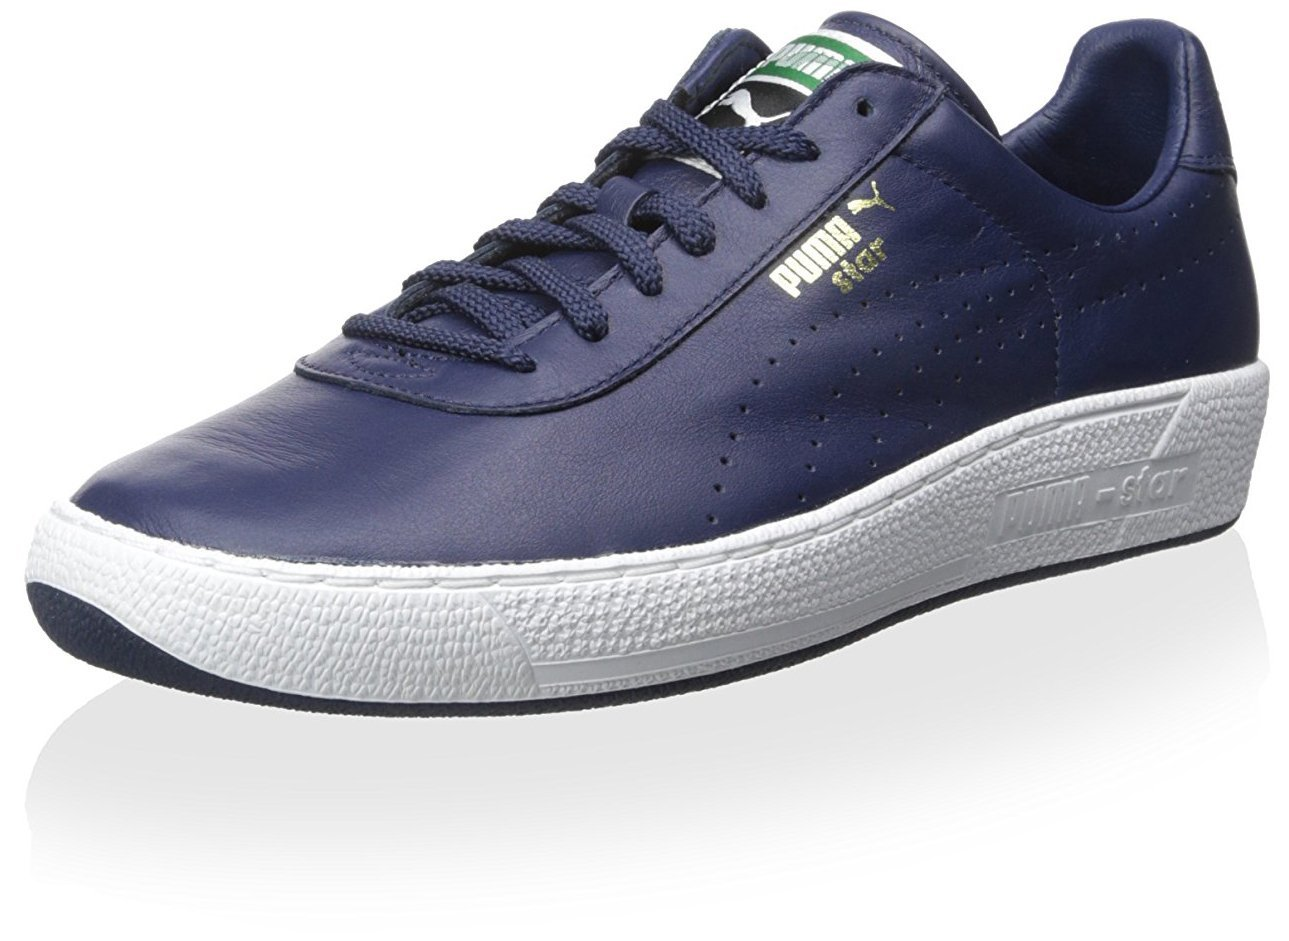 929e363a150f Puma - - Herren-Stern-Schuhe 42 EU Peacoat White - associate-degree.de